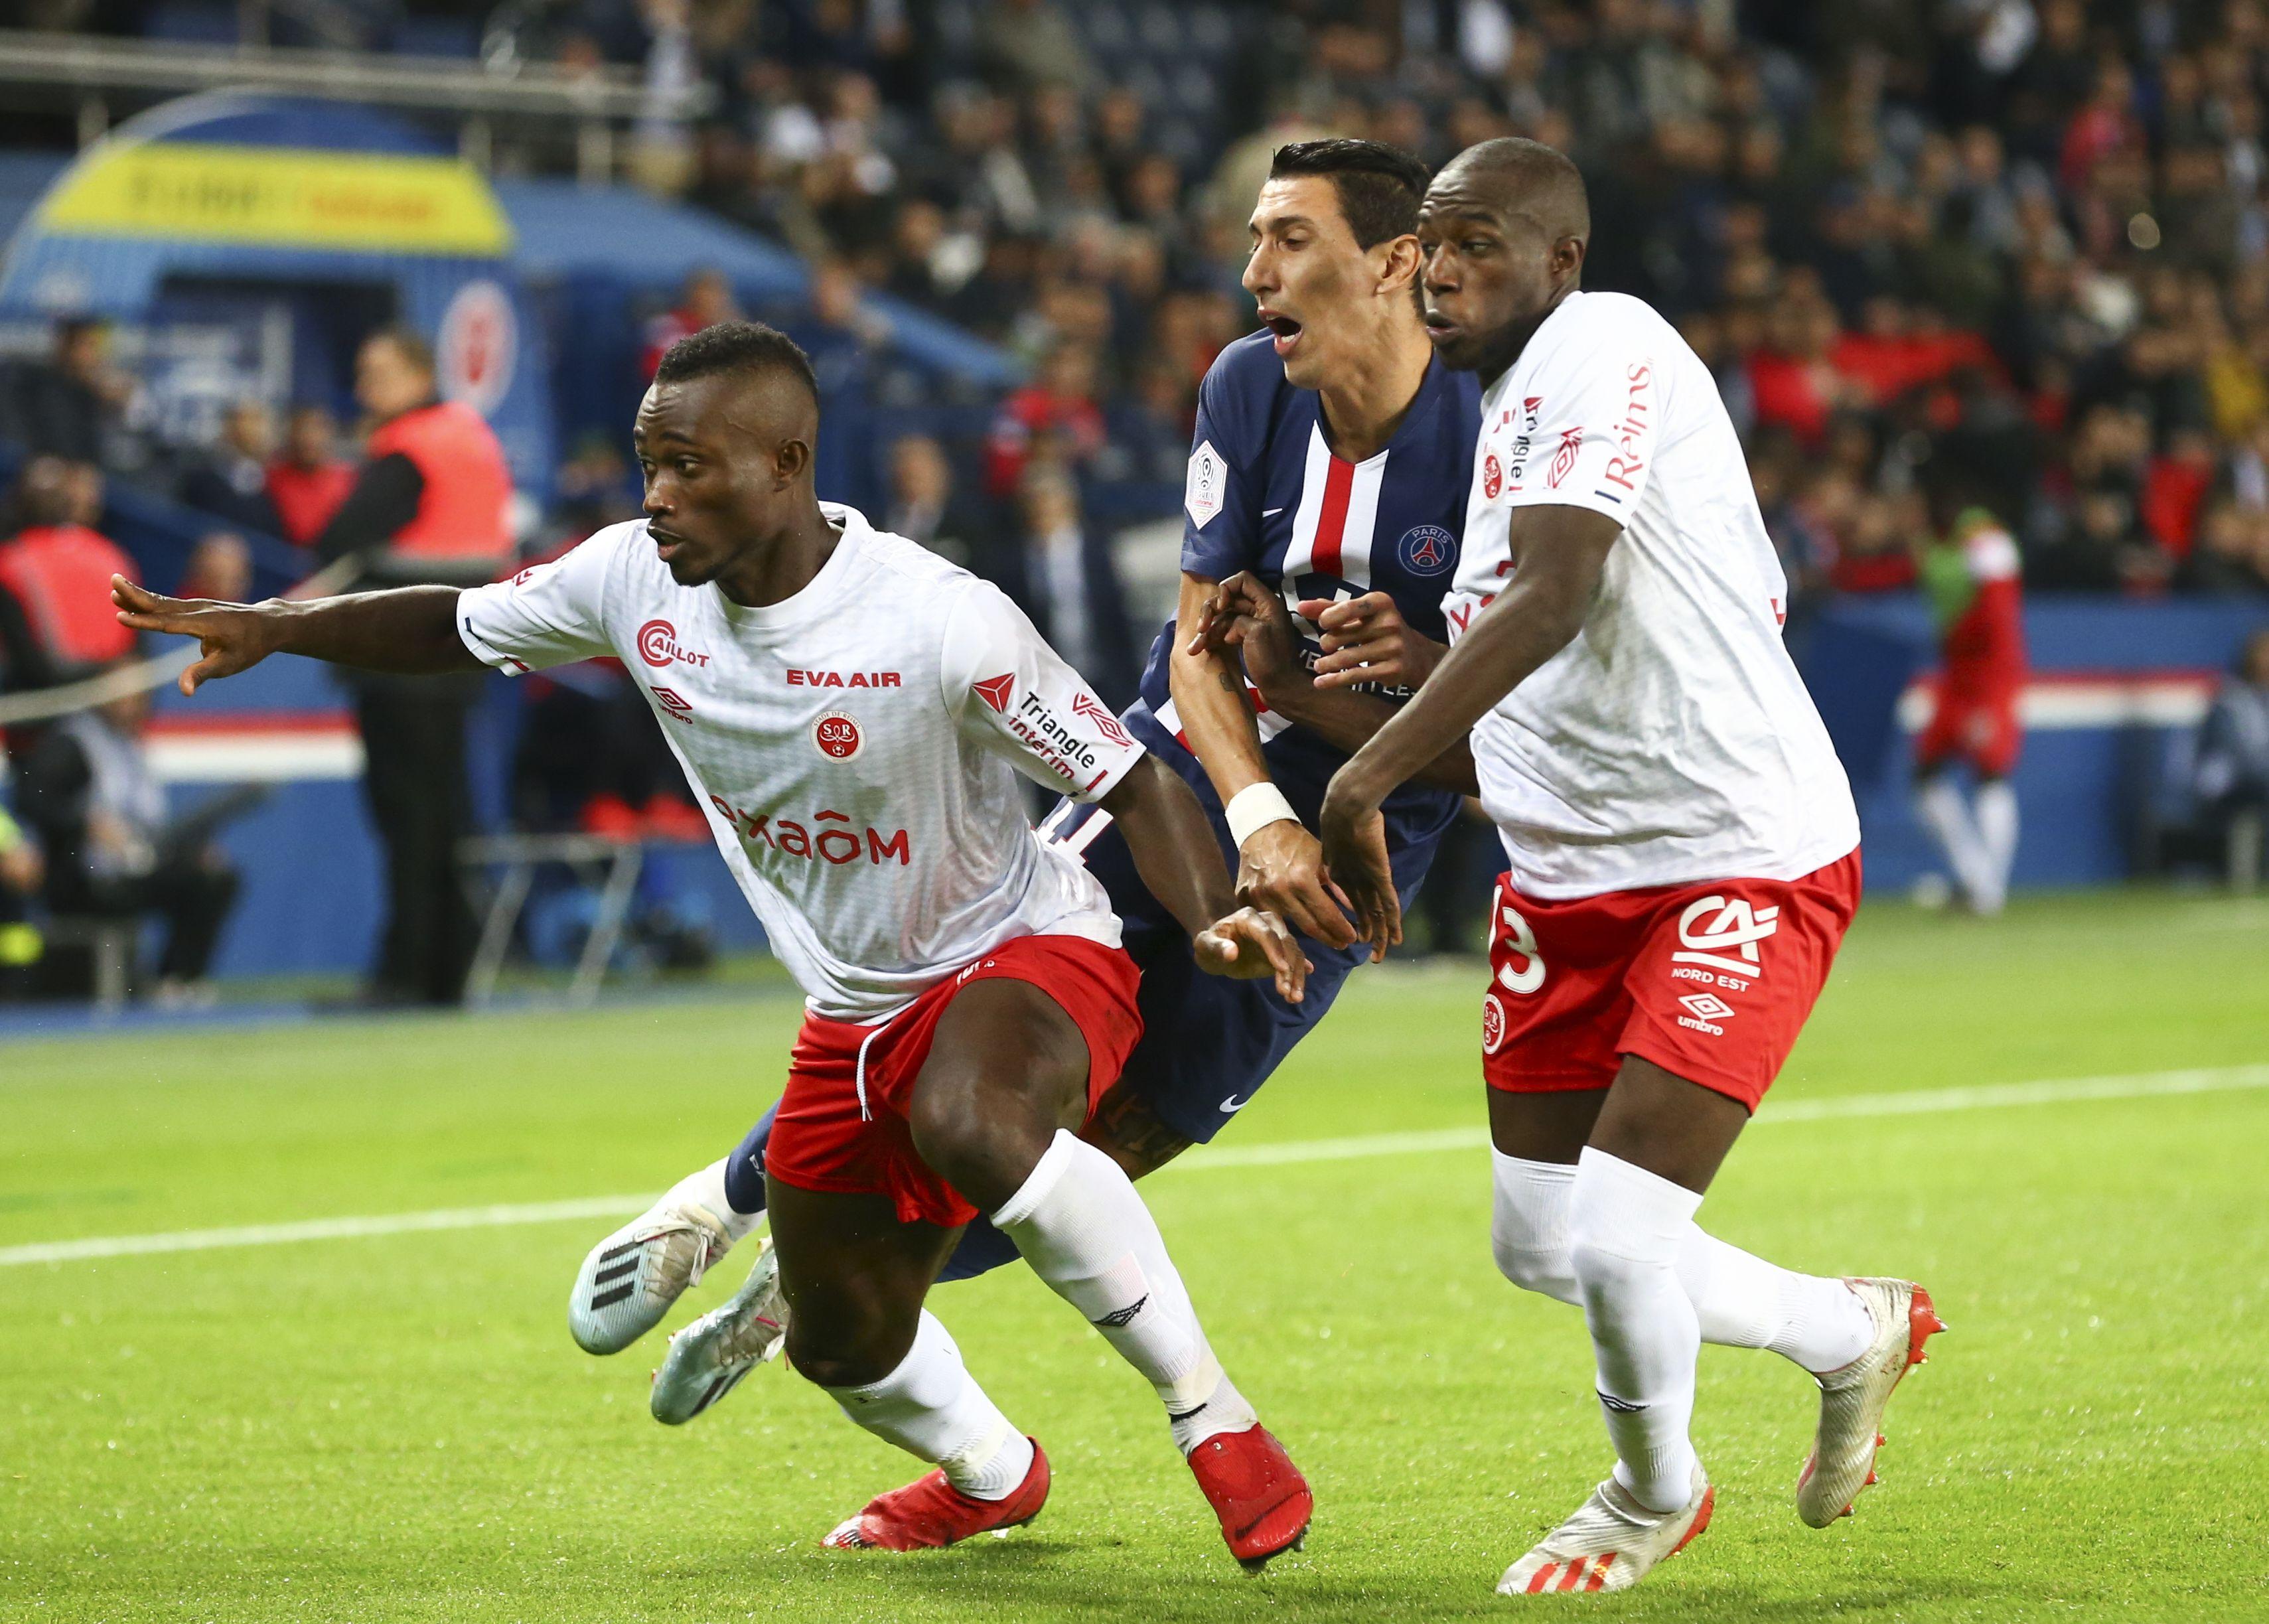 Football - Coupe de la Ligue - Coupe de la Ligue: Le PSG s' attaque à Reims ... meilleure défense d'Europe